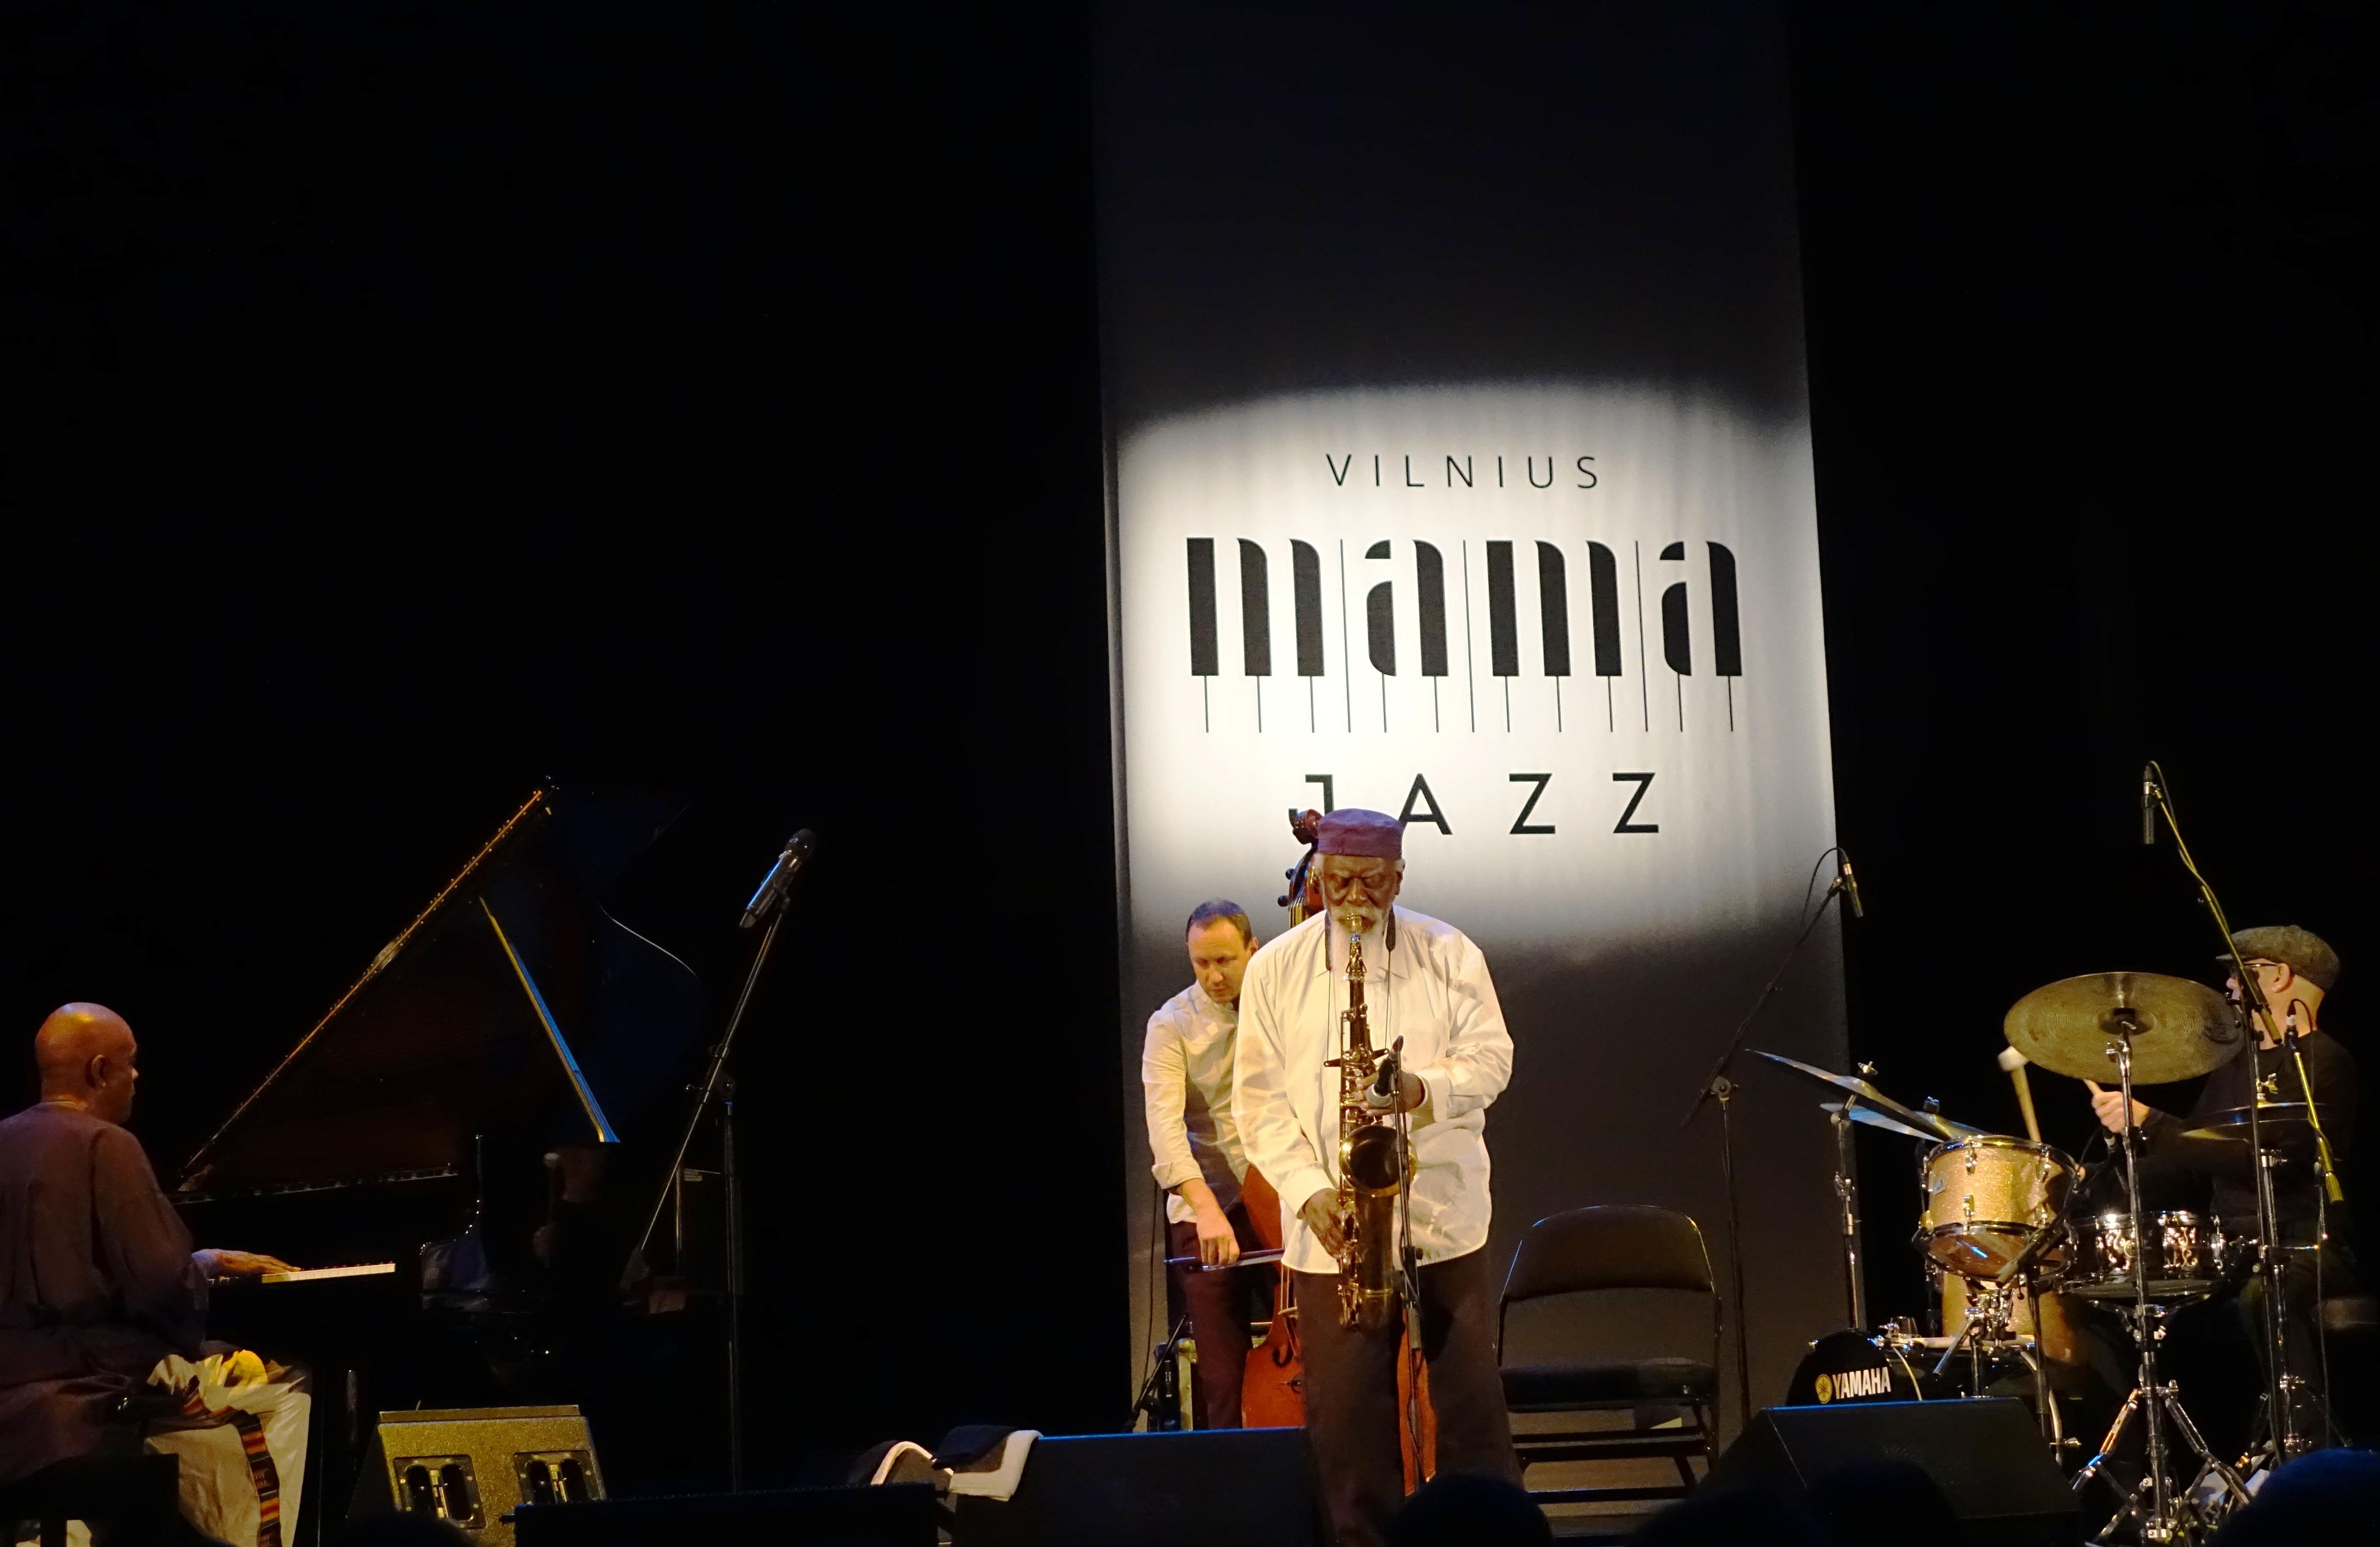 Pharoah Sanders Quartet at the Vilnius Mama Jazz Festival in November 2017